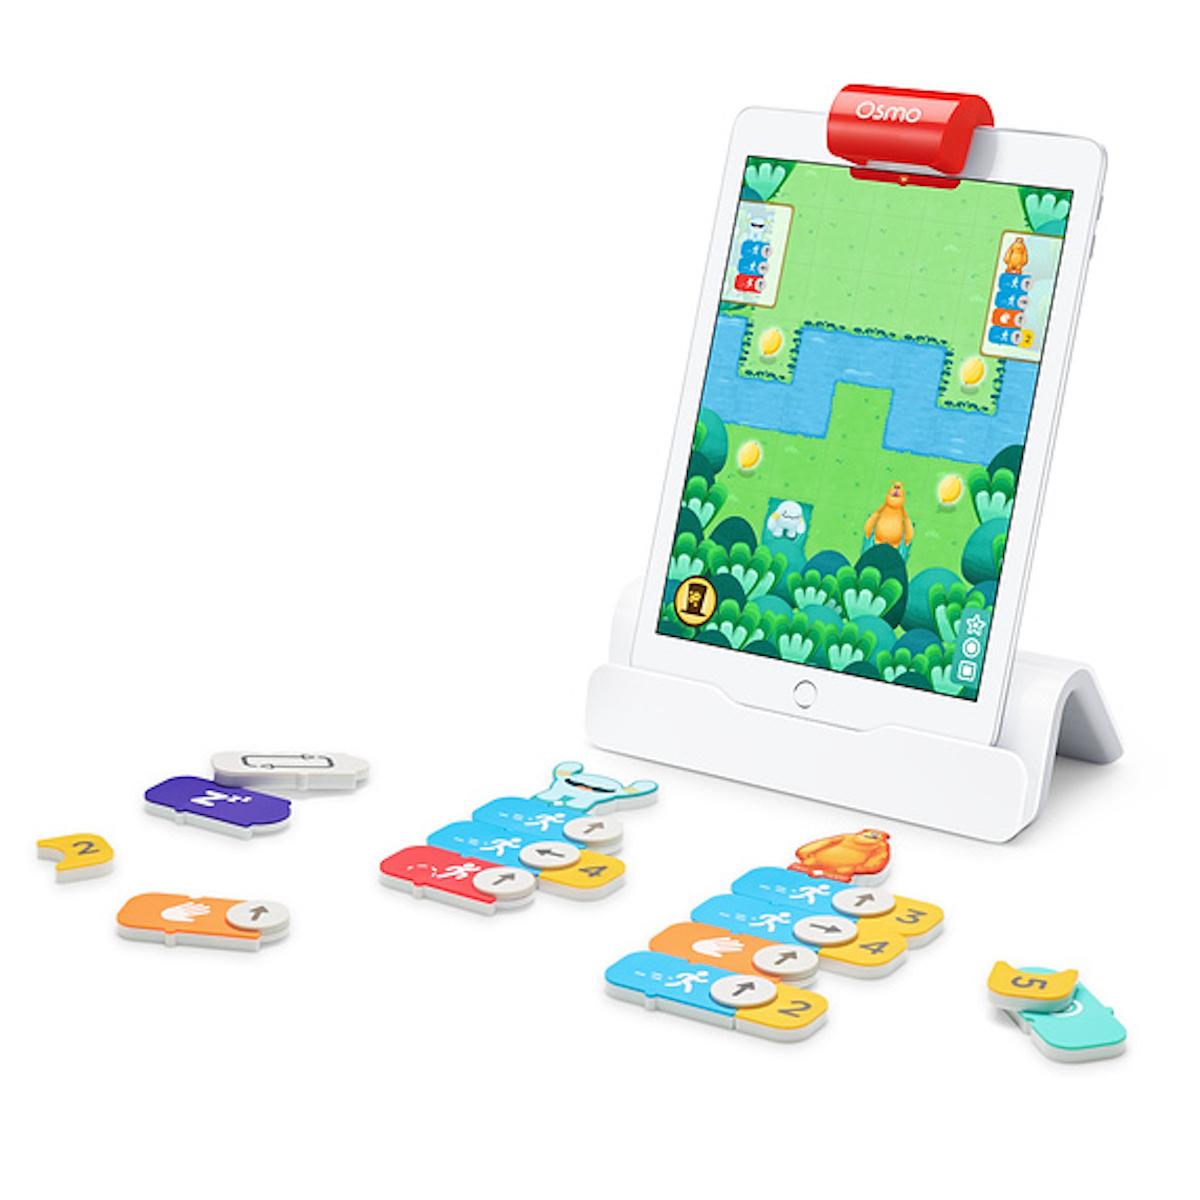 Only at Apple: dieci giochi hi-tech esclusivi solo su Apple Store